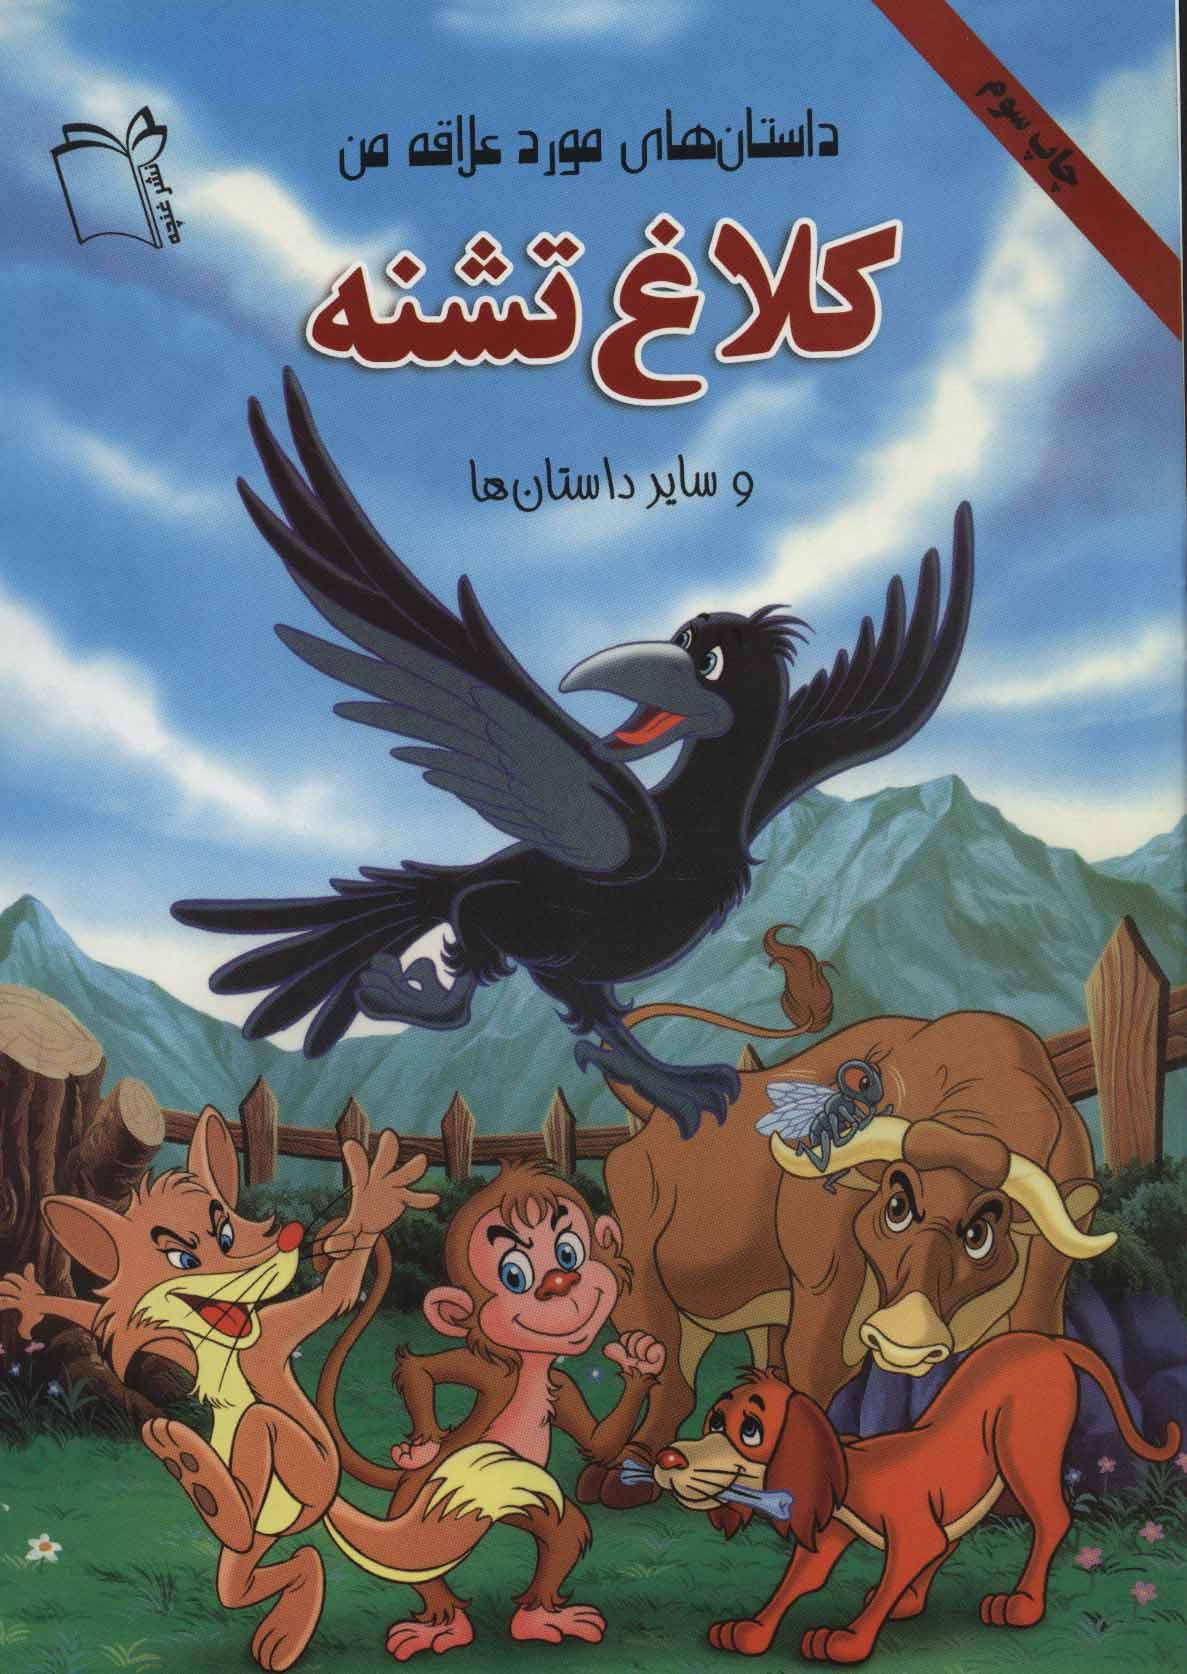 کتاب کلاغ تشنه و سایر داستانها